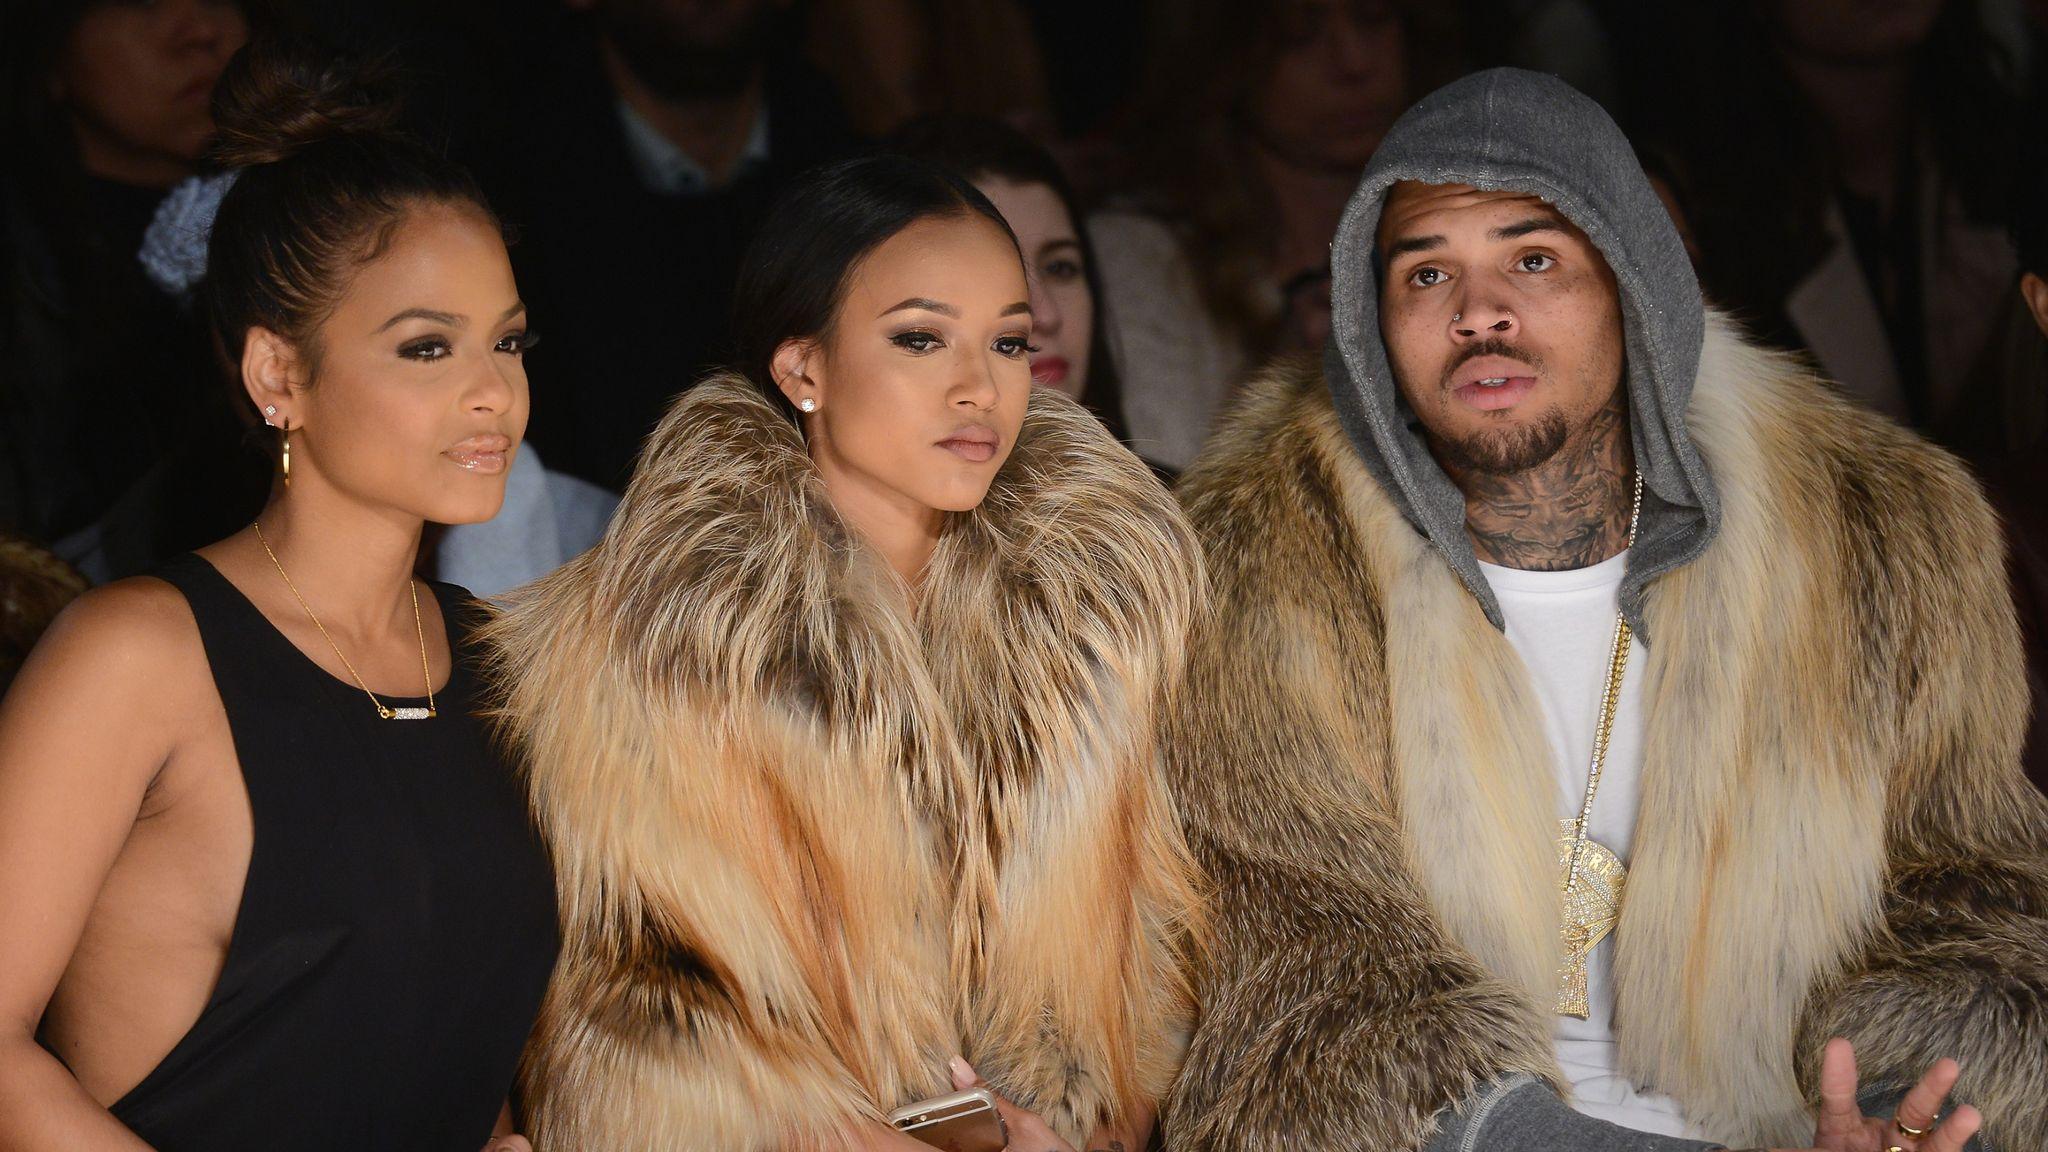 Chris Brown Threatened to Kill Ex-Girlfriend Karrueche